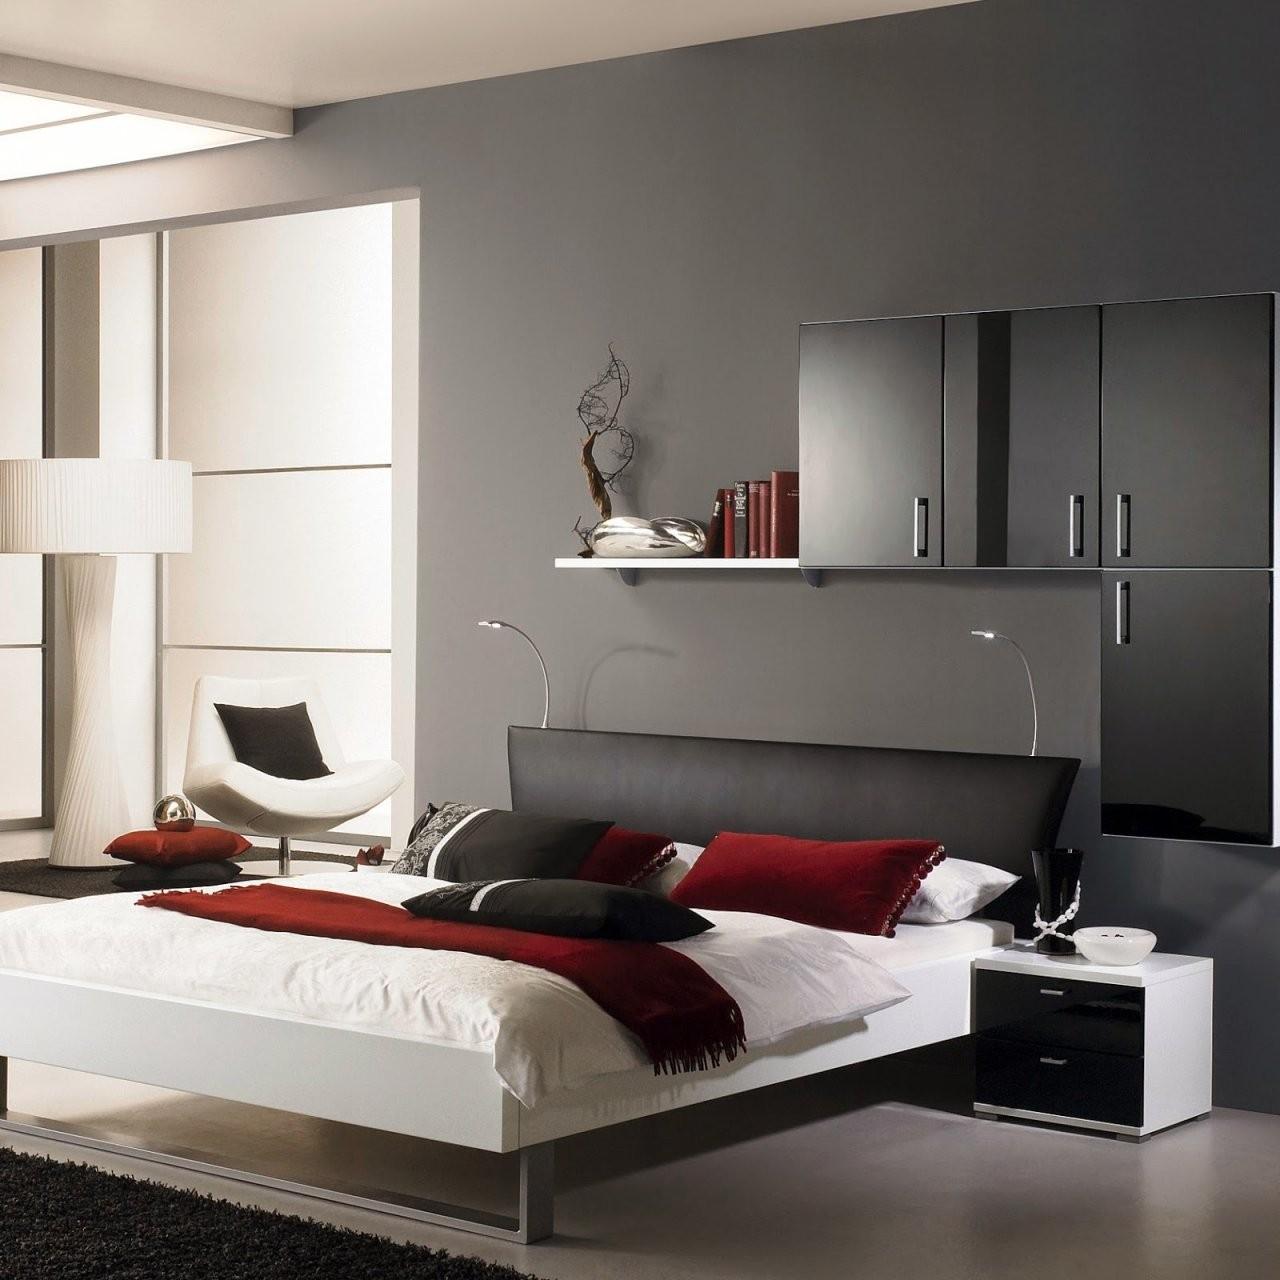 Beruhigende Farben Fürs Schlafzimmer  Schlafzimmer Deko Ideen von Beruhigende Bilder Fürs Schlafzimmer Bild